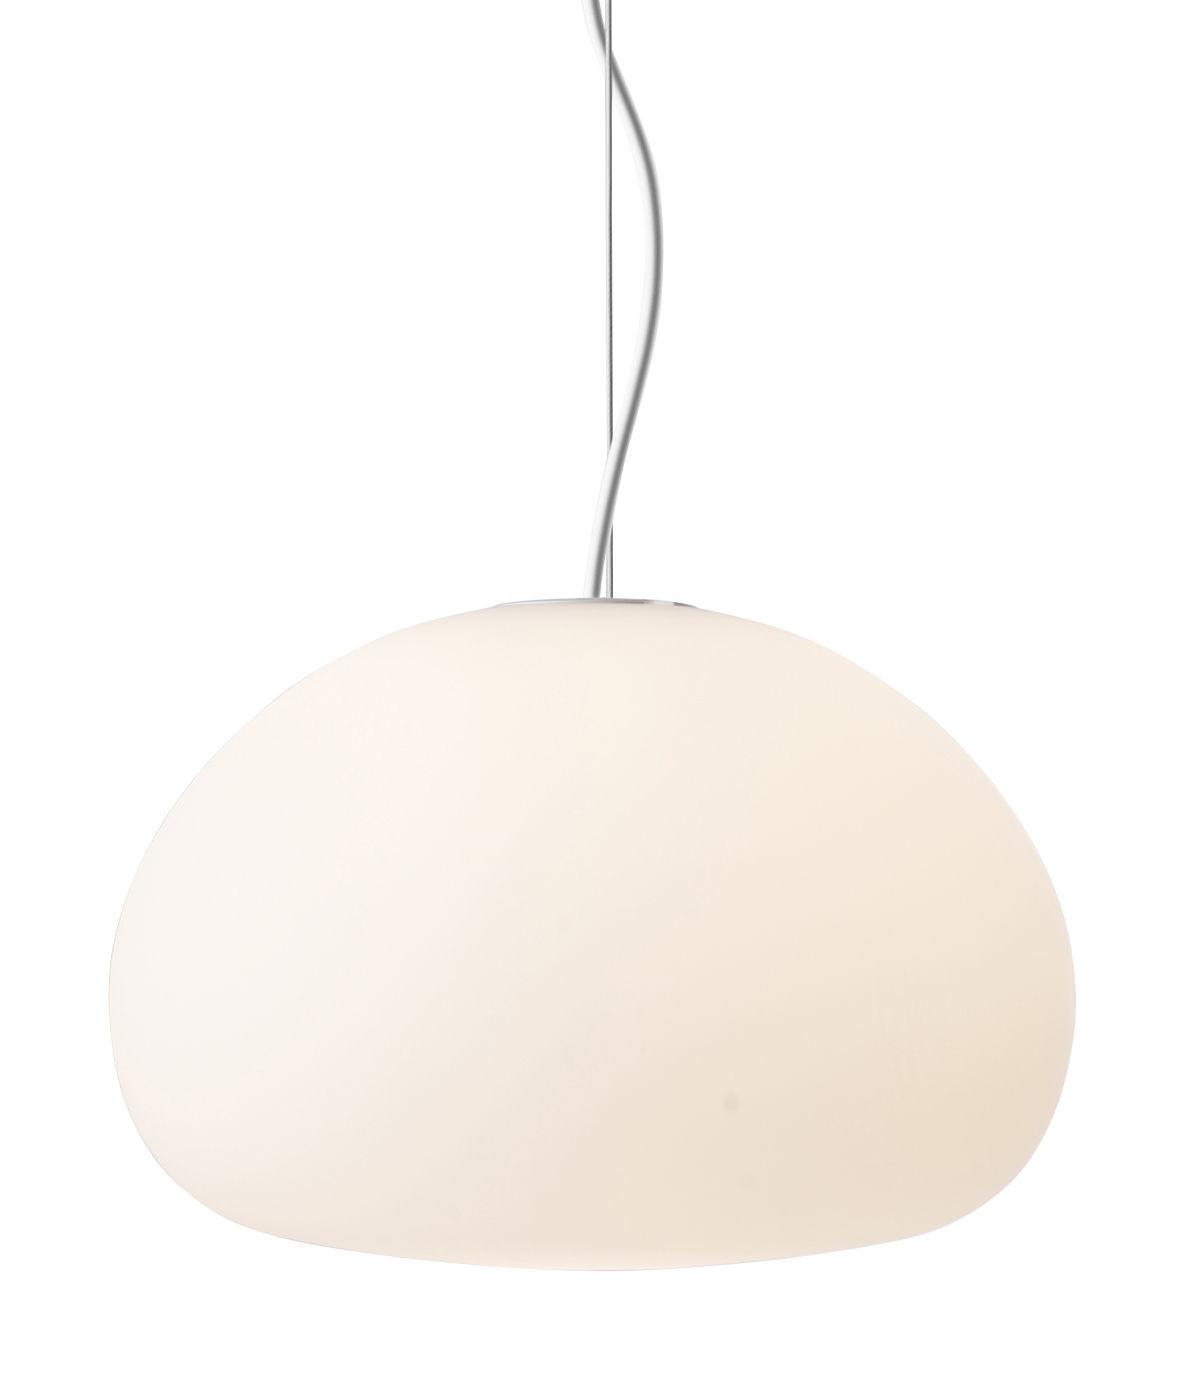 Leuchten - Pendelleuchten - Fluid Small Pendelleuchte - Muuto - Weiß - Opalglas